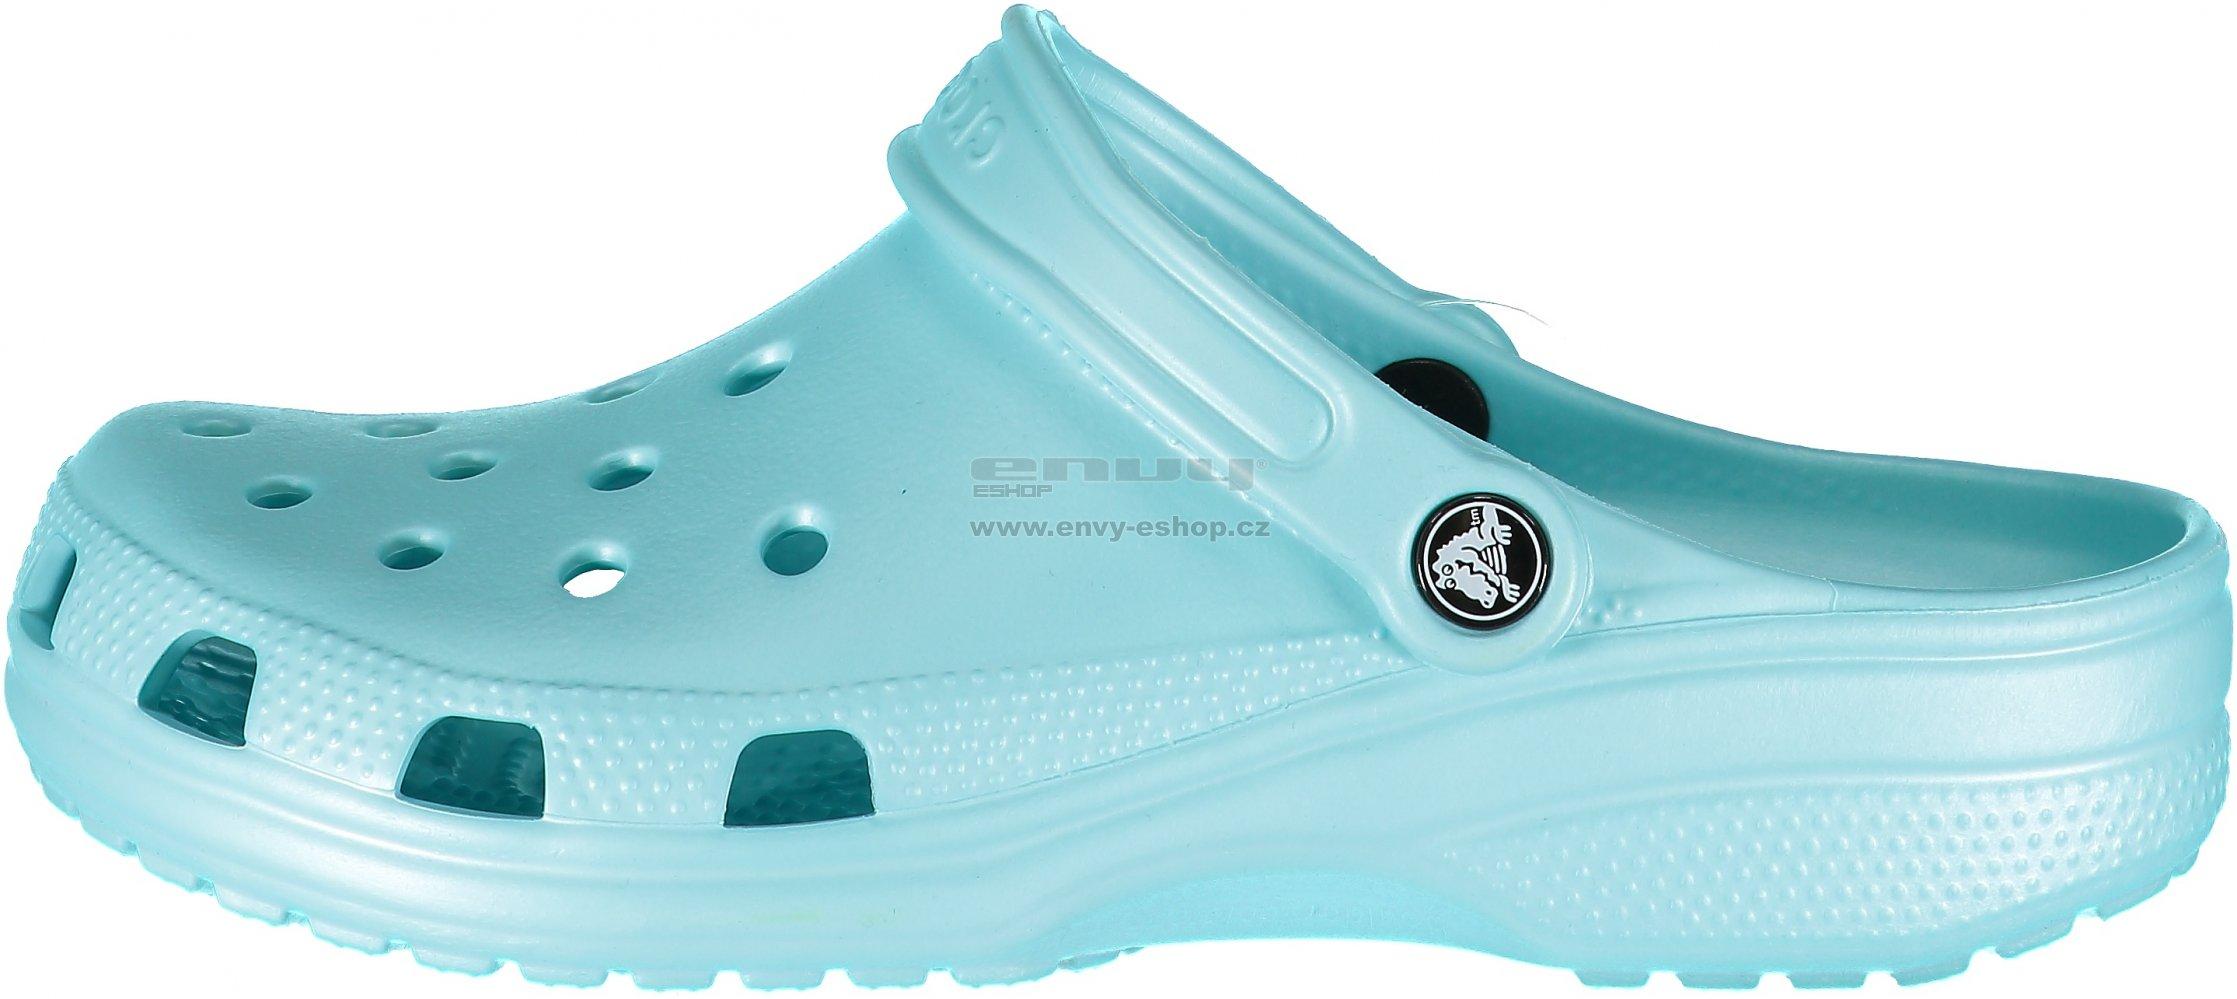 ba1abf1ec01 Dámské pantofle CROCS CLASSIC 10001-4O9 ICE BLUE. Dámské pantofle CROCS  CLASSIC 10001-007 LIGHT GREY ...